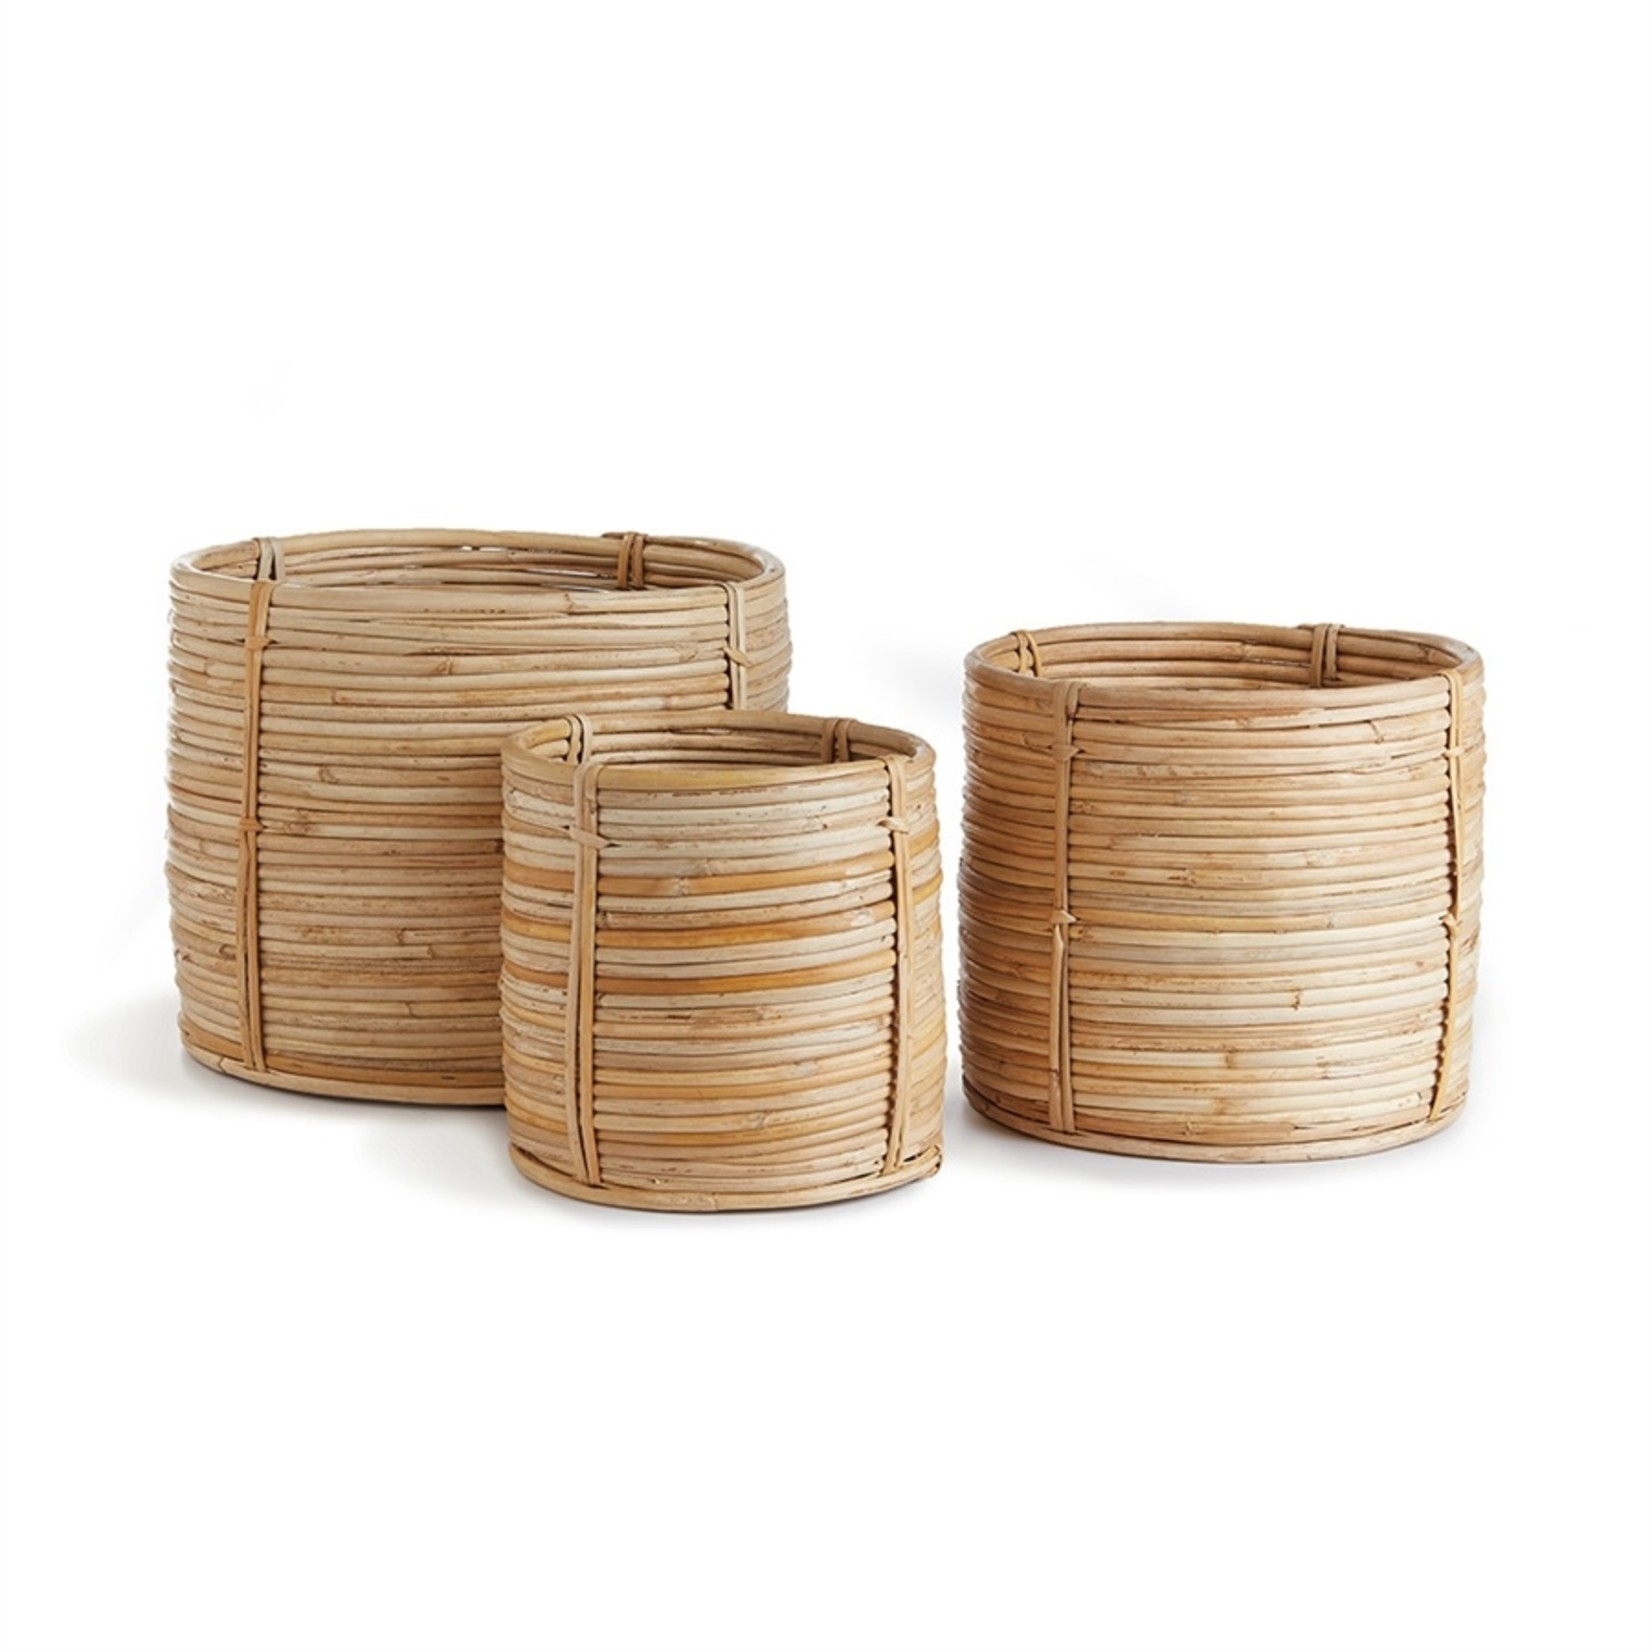 Napa Home and Garden Cane Rattan Basket